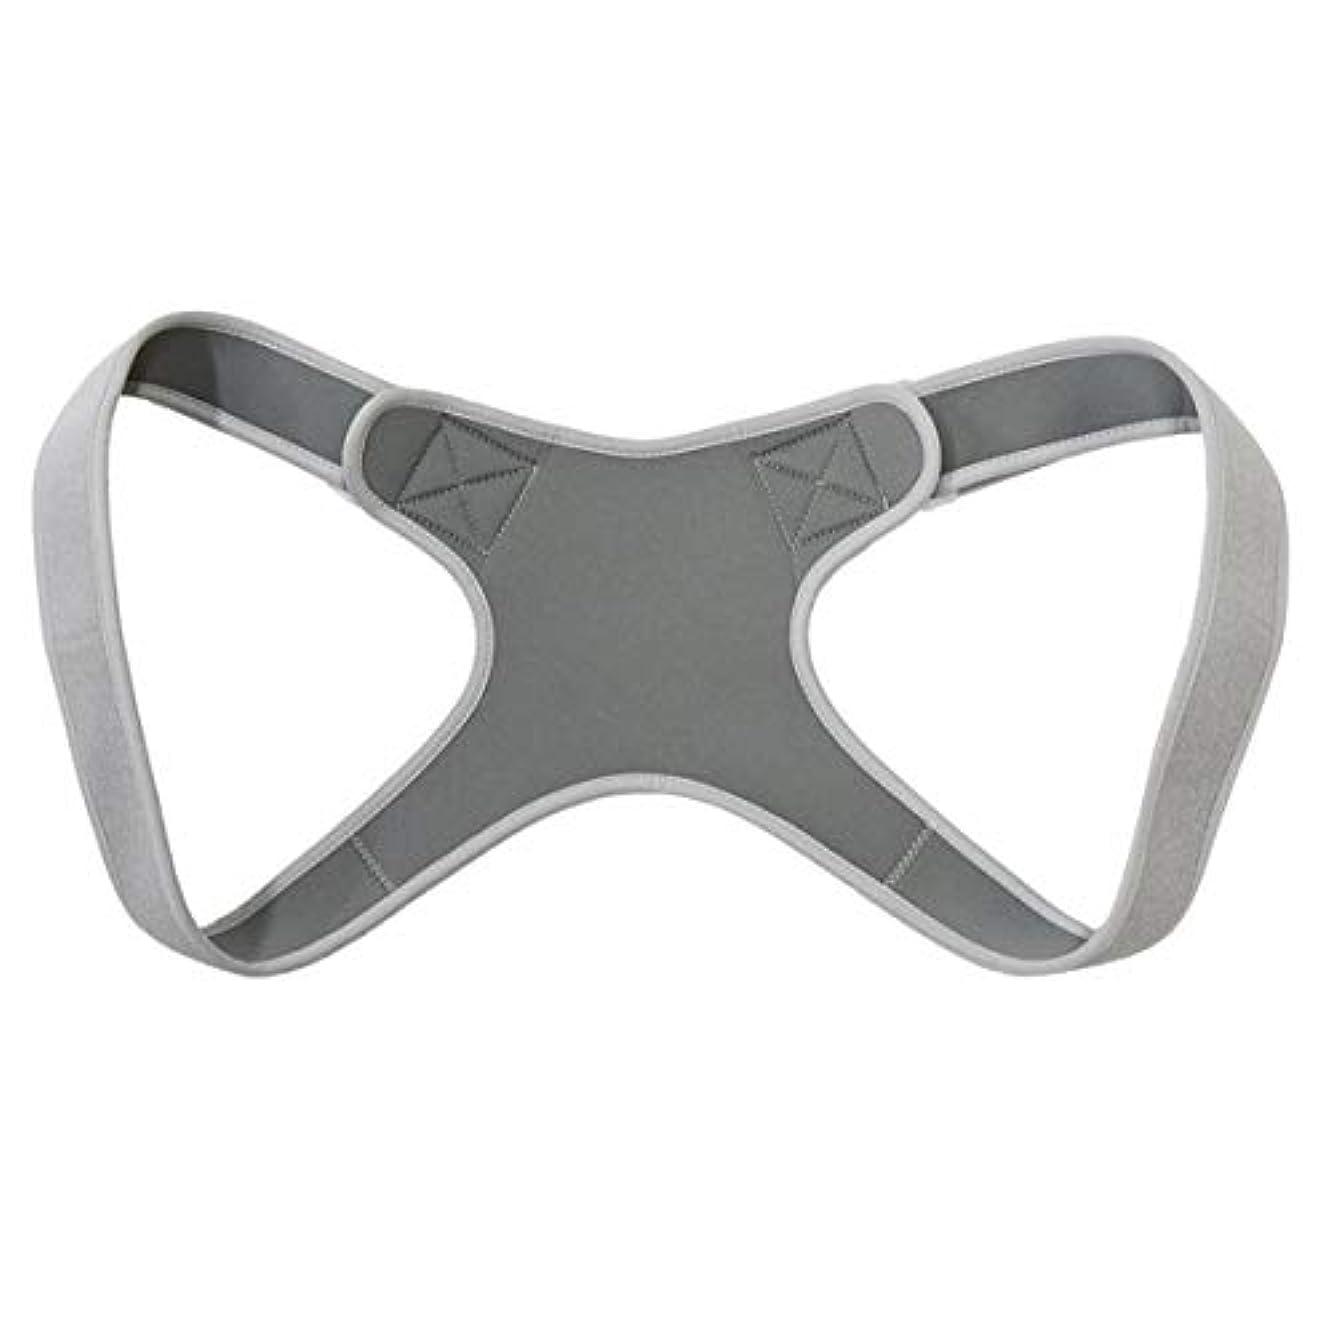 ベル許容慢新しいアッパーバックポスチャーコレクター姿勢鎖骨サポートコレクターバックストレートショルダーブレースストラップコレクター - グレー